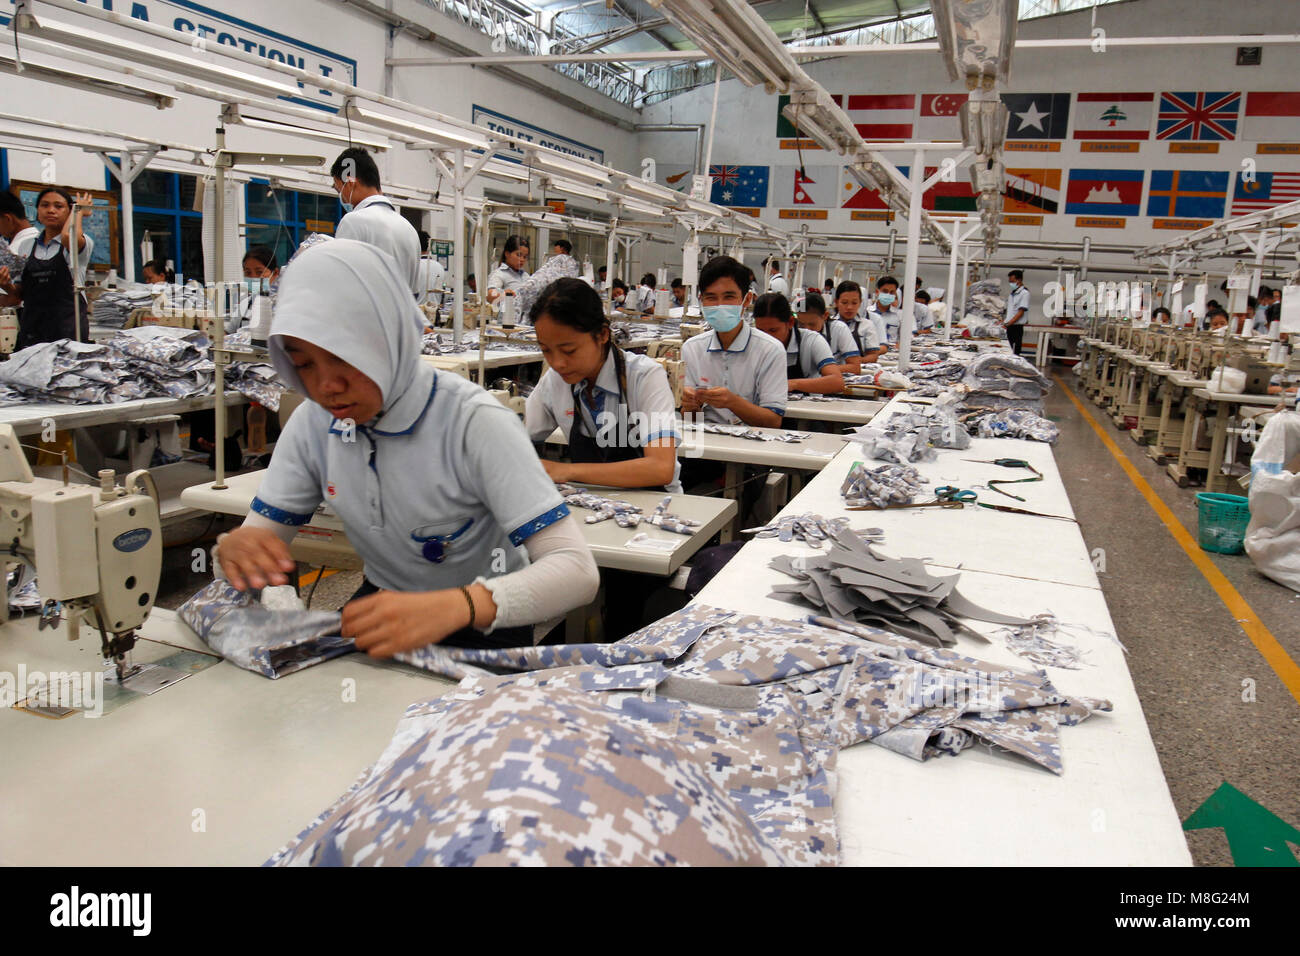 Pt Malaysian Stock Photos & Pt Malaysian Stock Images - Alamy